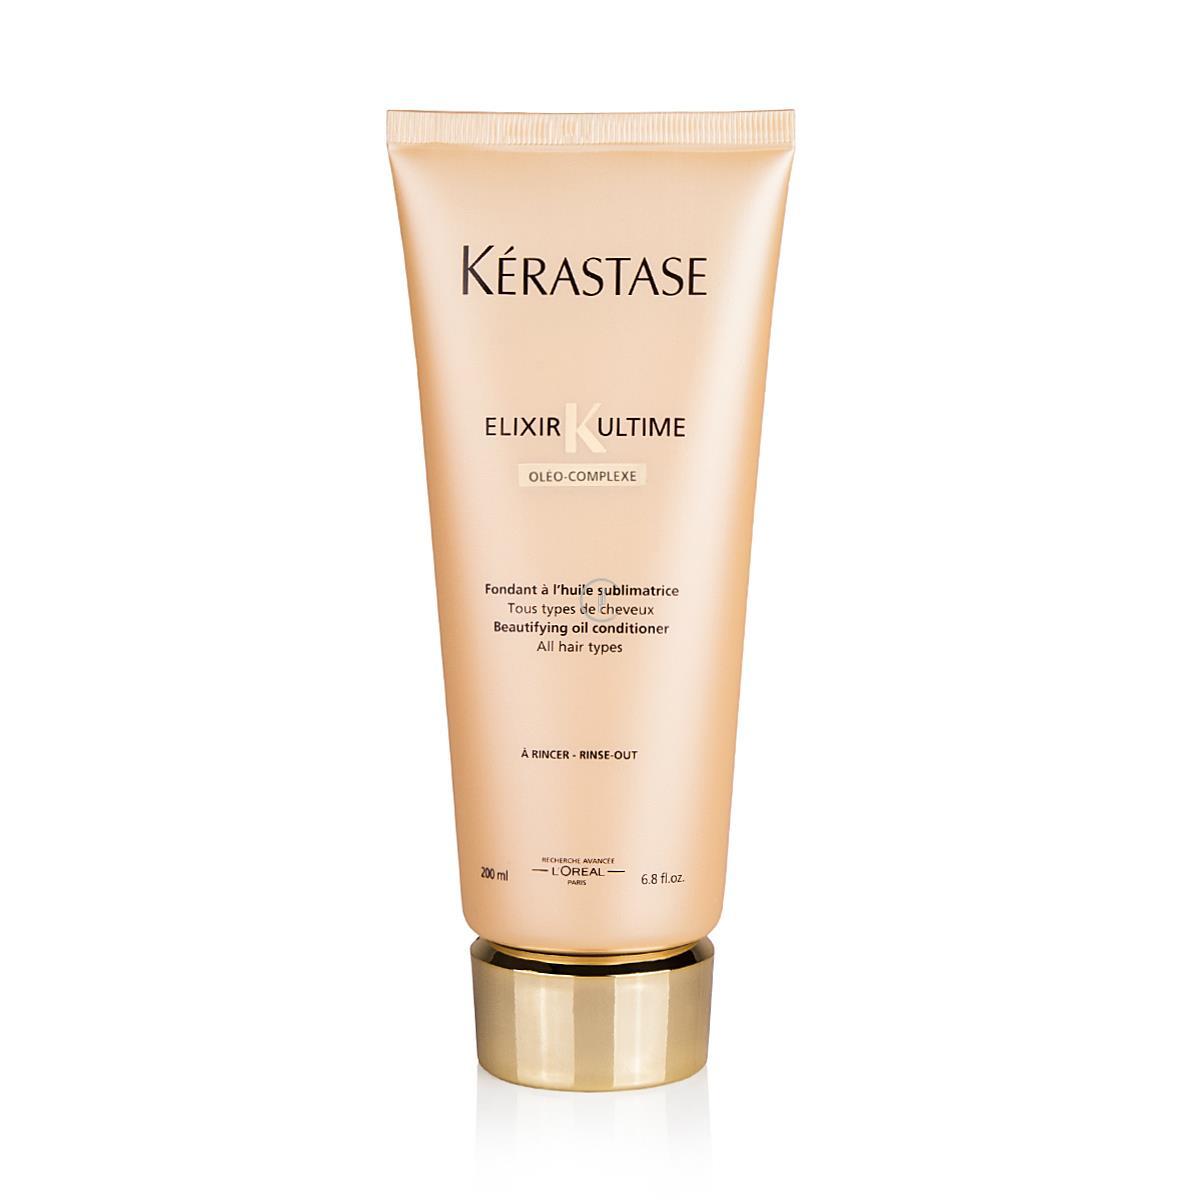 KERASTASE Elixir Ultime Beautifying Oil Conditioner 200ml - Odżywka do włosów na bazie szlachetnych olejków